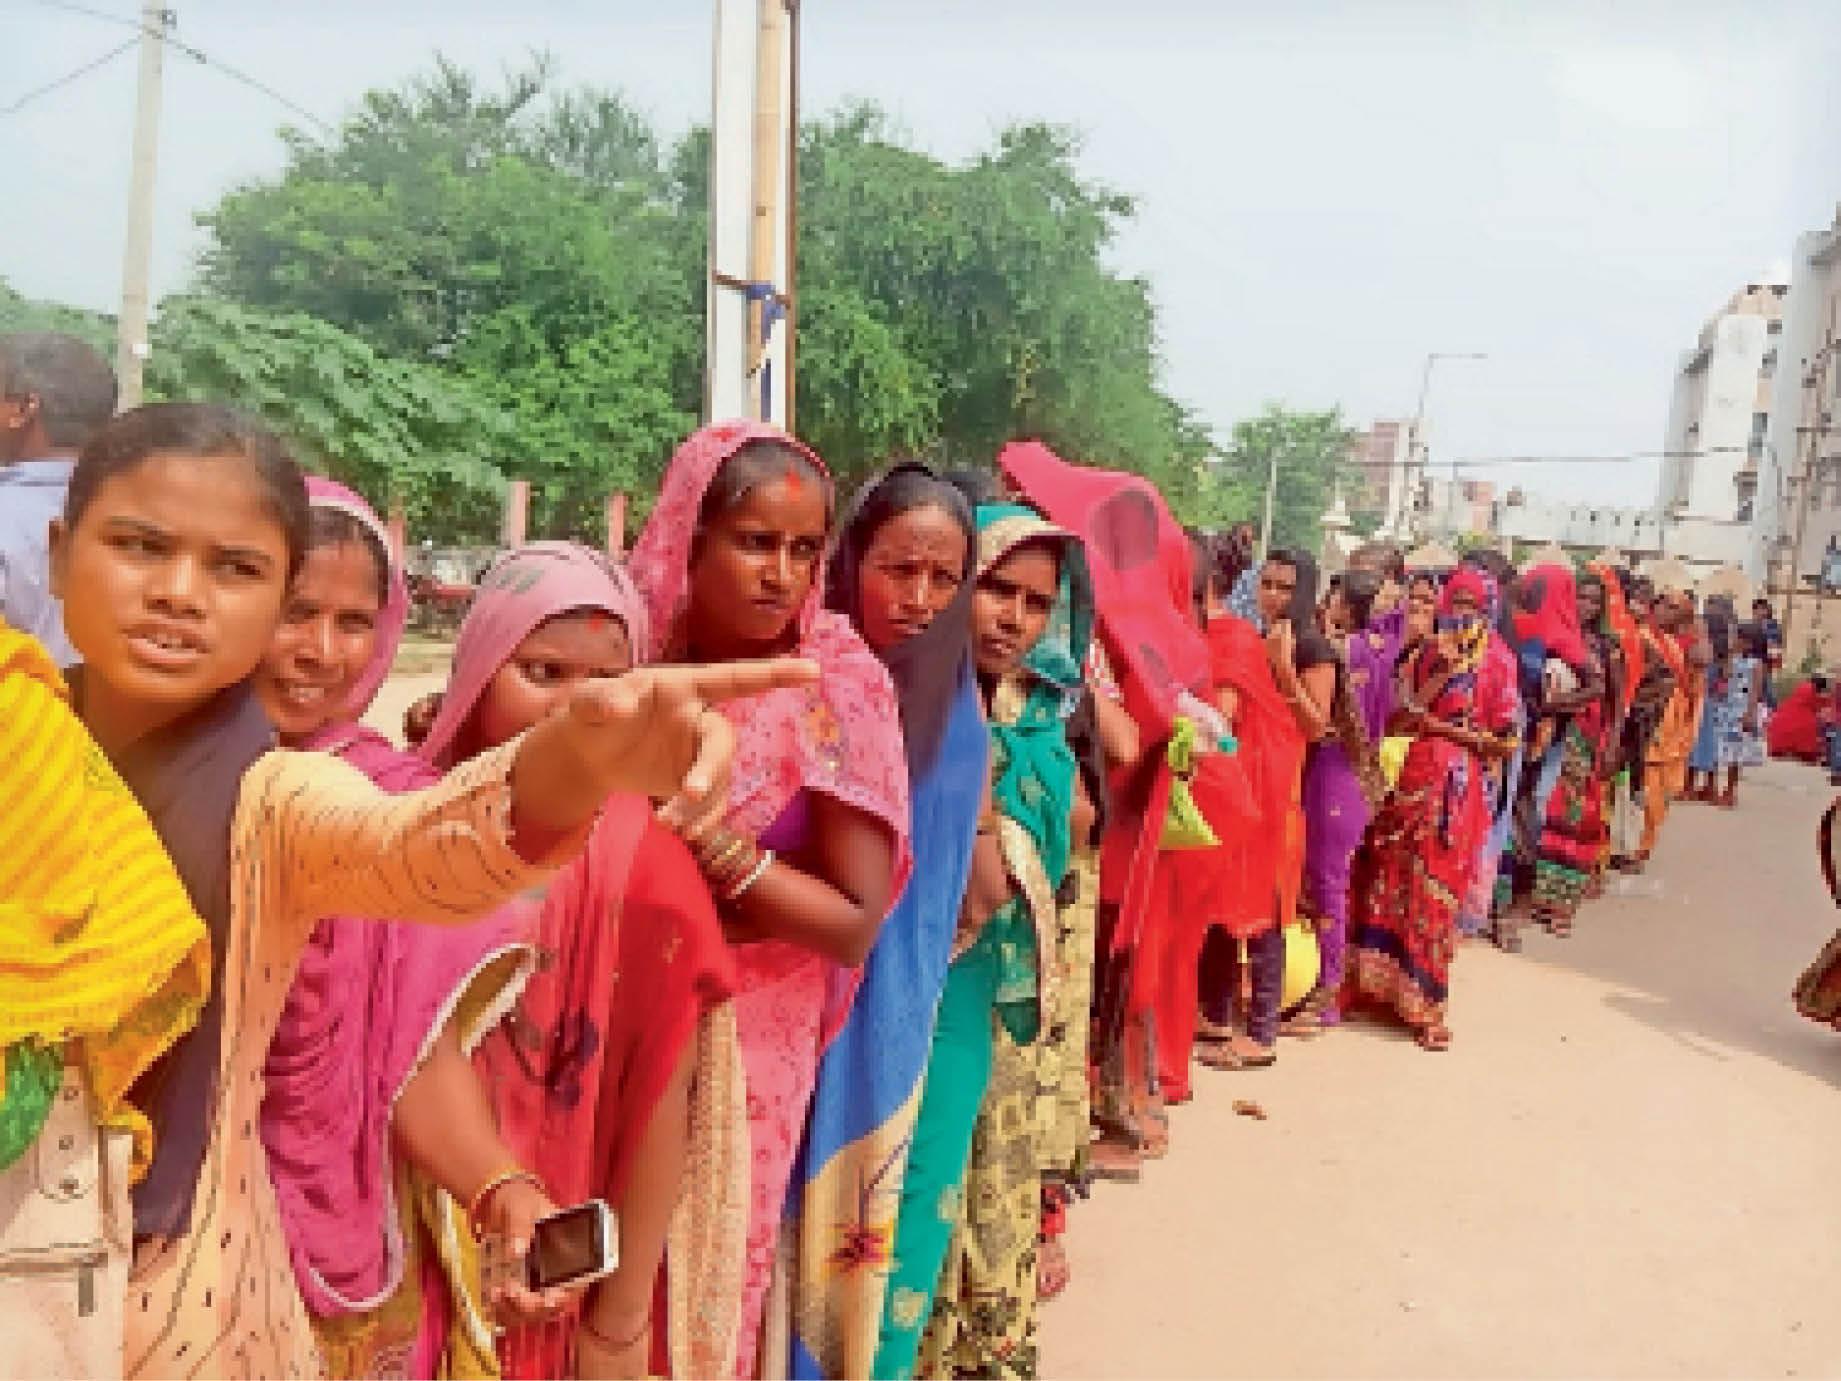 वैक्सीन के लिए कतार में खड़ी महिलाएं। - Dainik Bhaskar